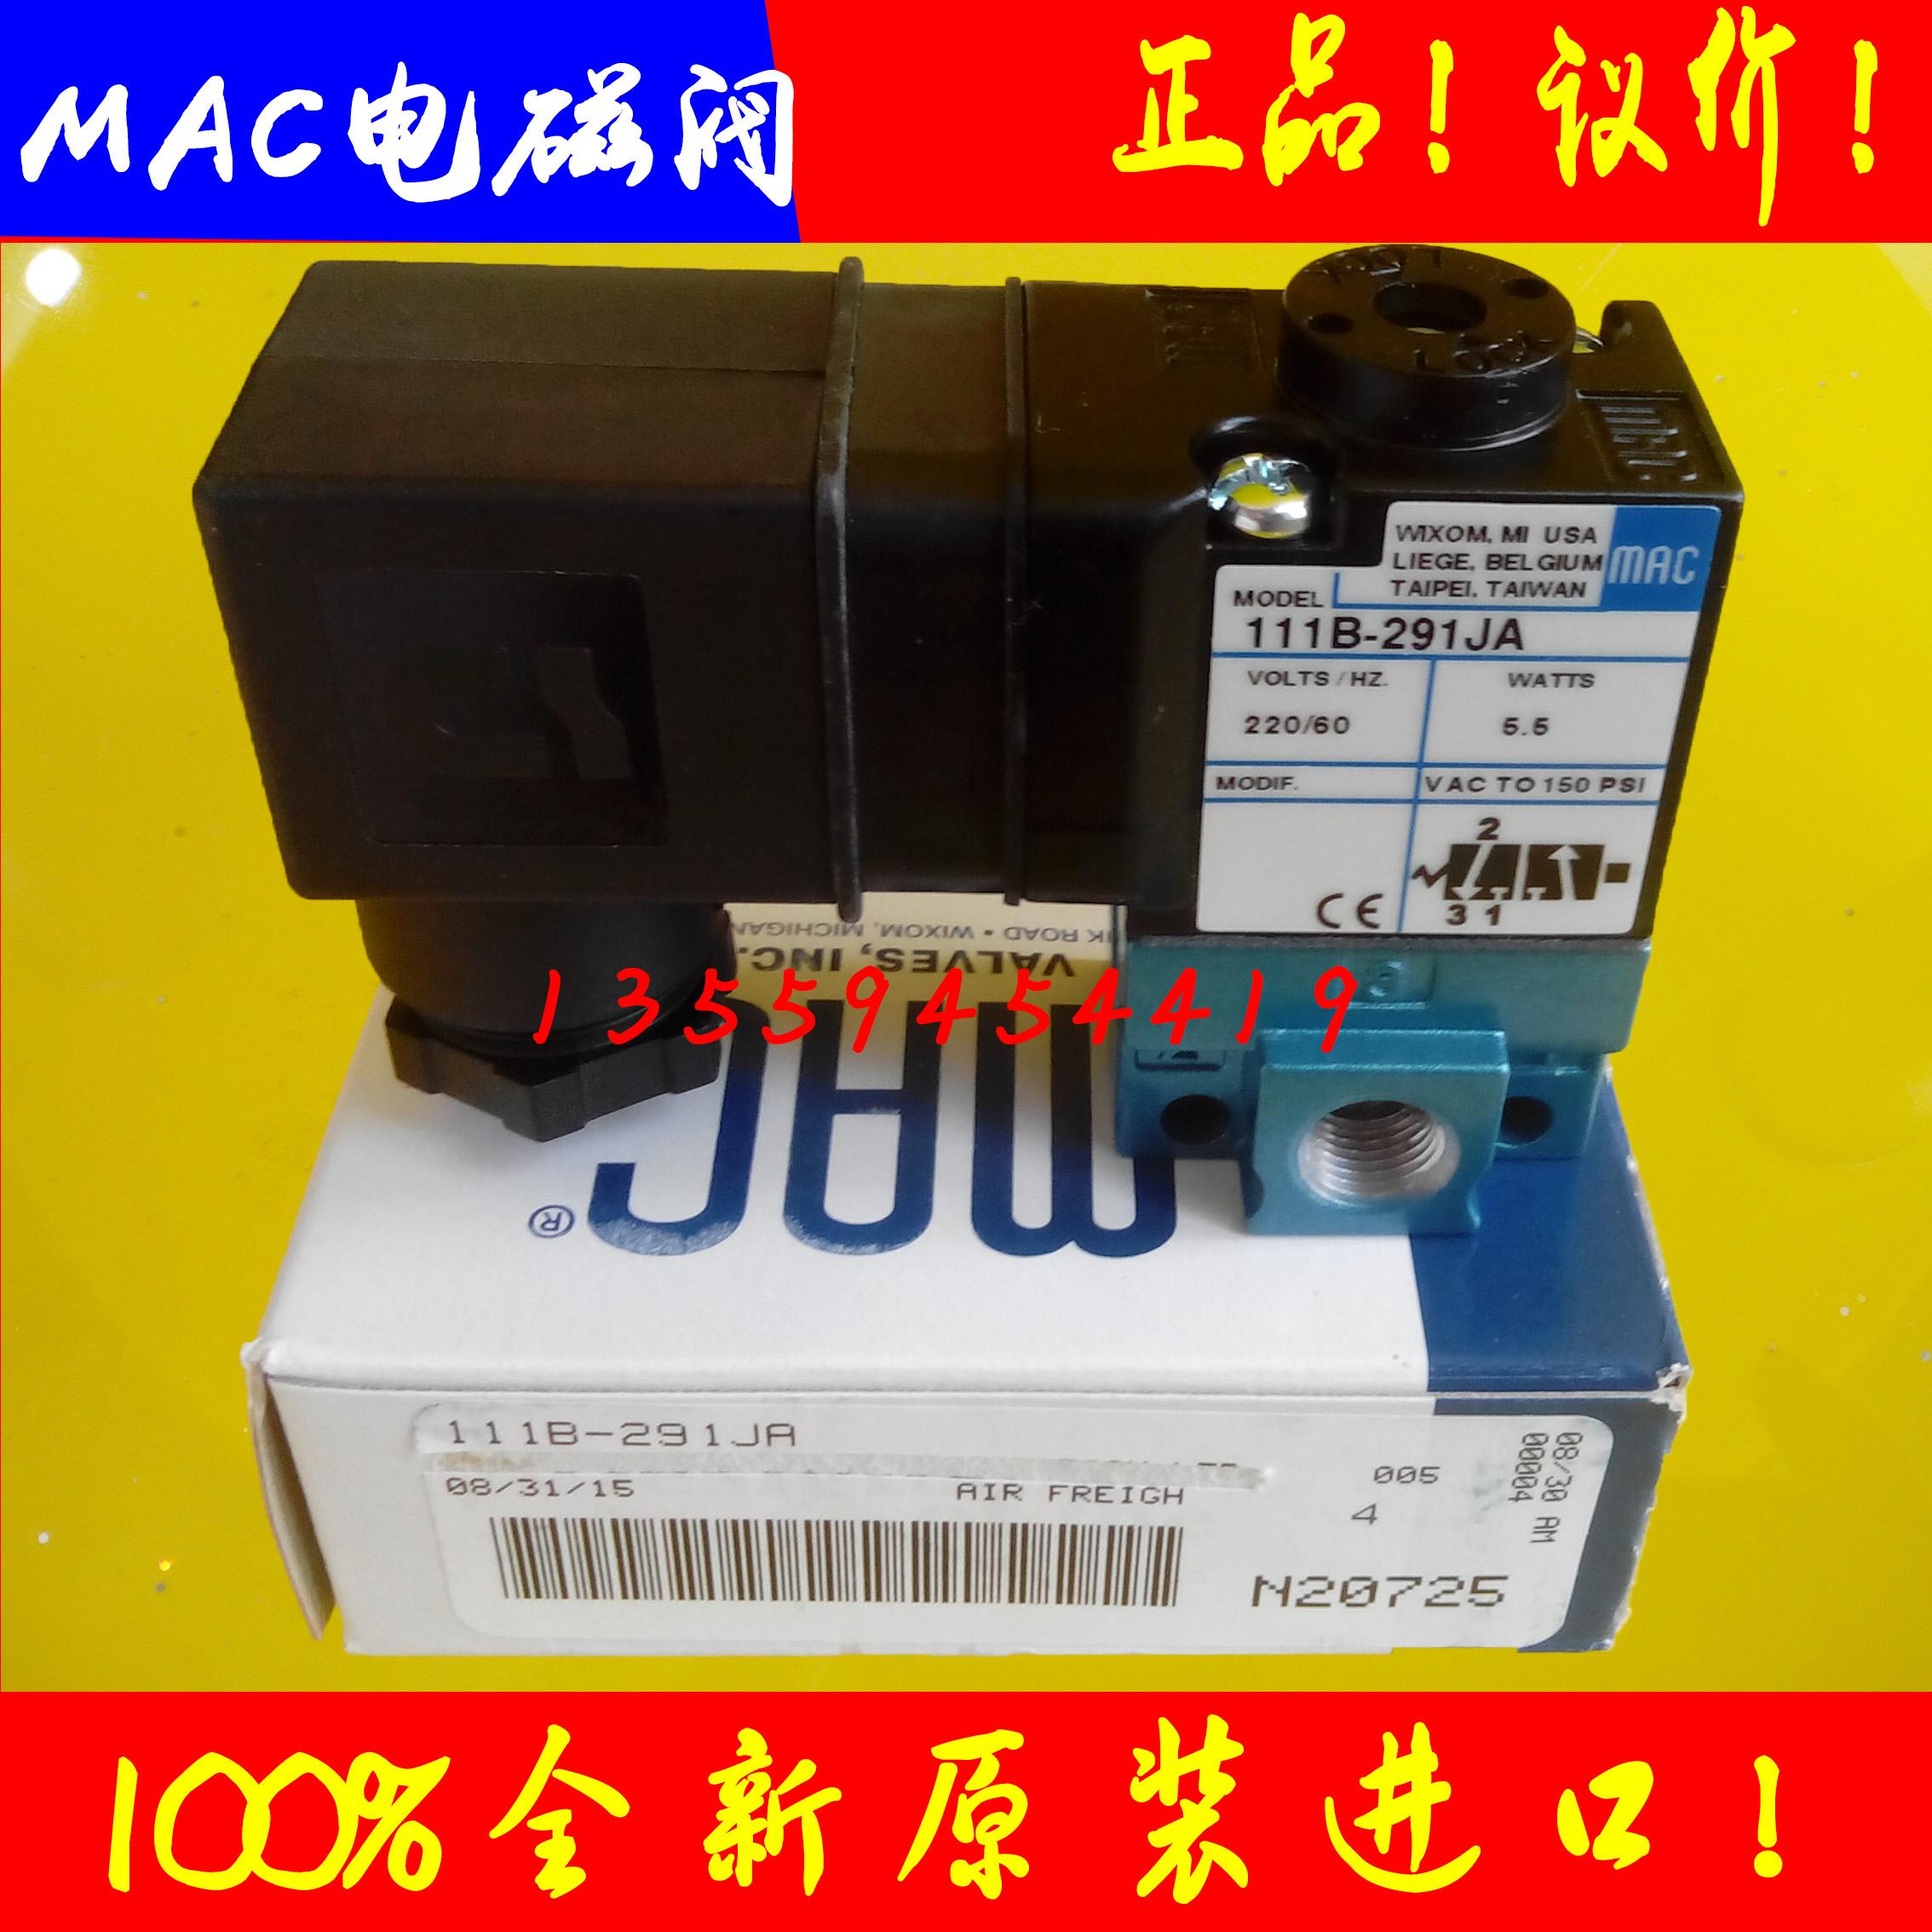 100% american veritabil mac electromagnetice 111B-291JA fals pe 10 în loc de negociere